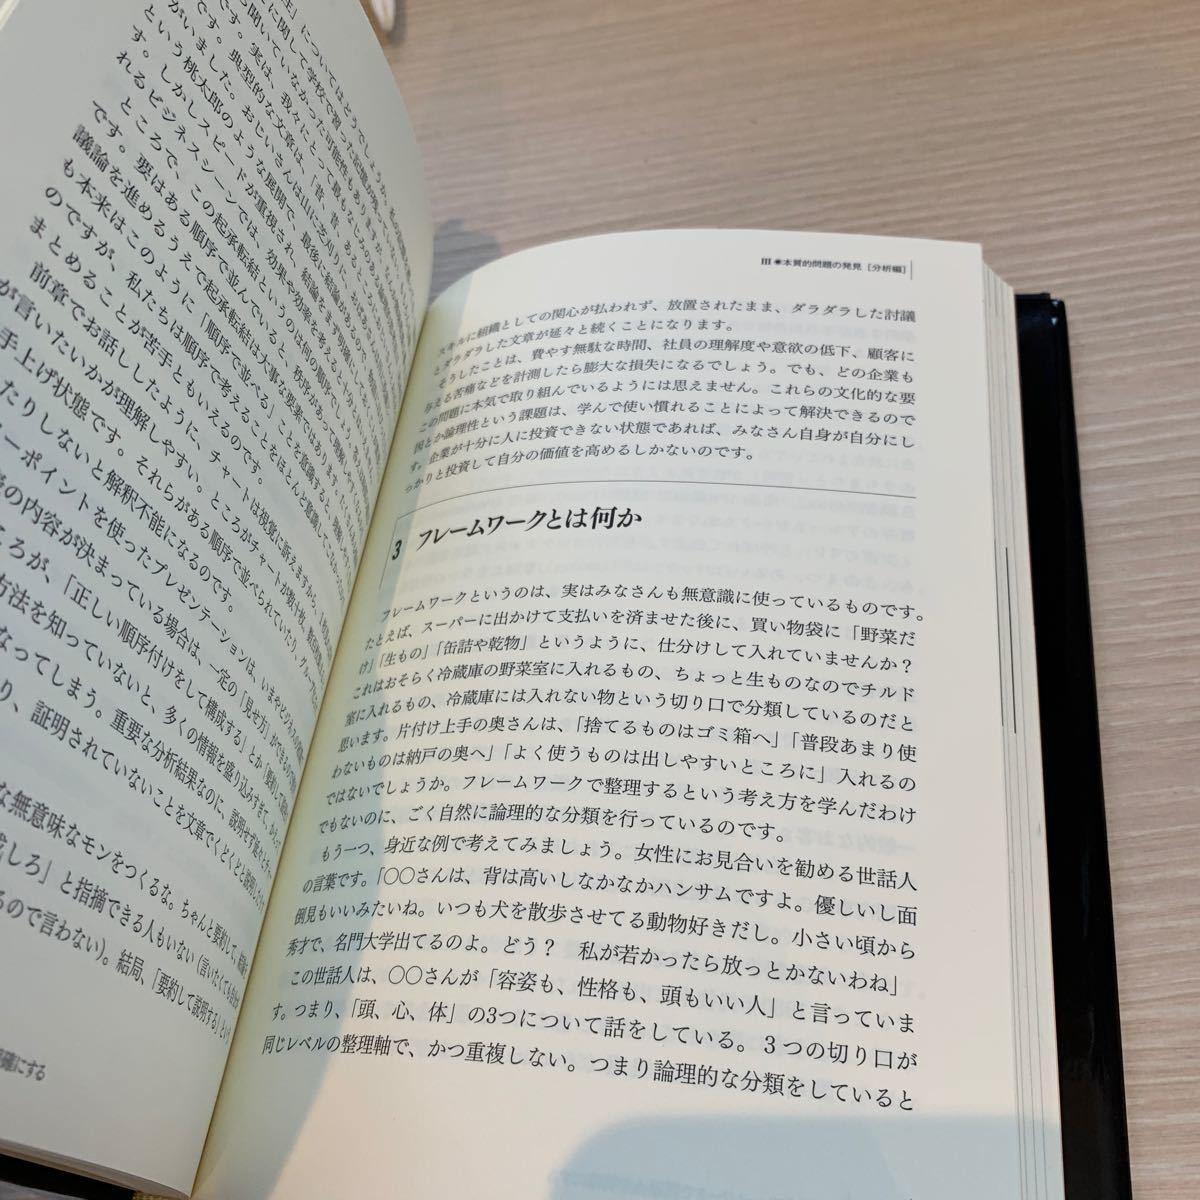 問題解決の実学 成果をあげる思考と行動/斎藤顕一